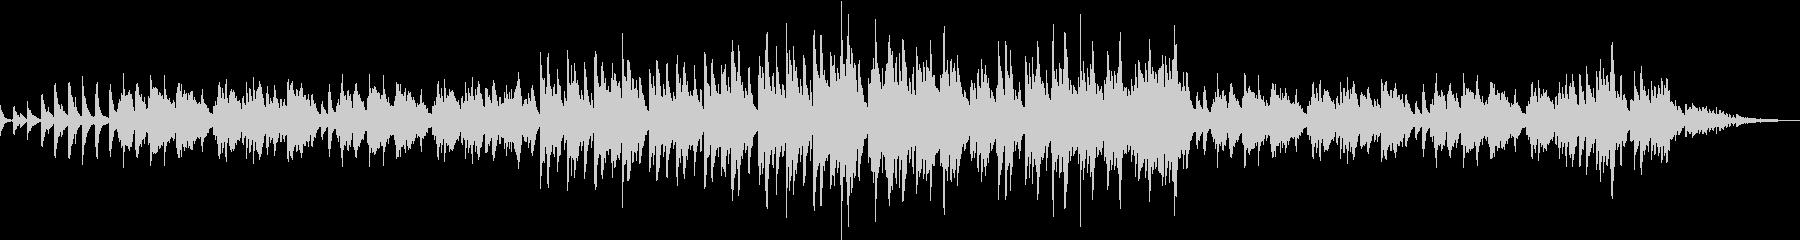 ピアノソロのポップなバラードの未再生の波形